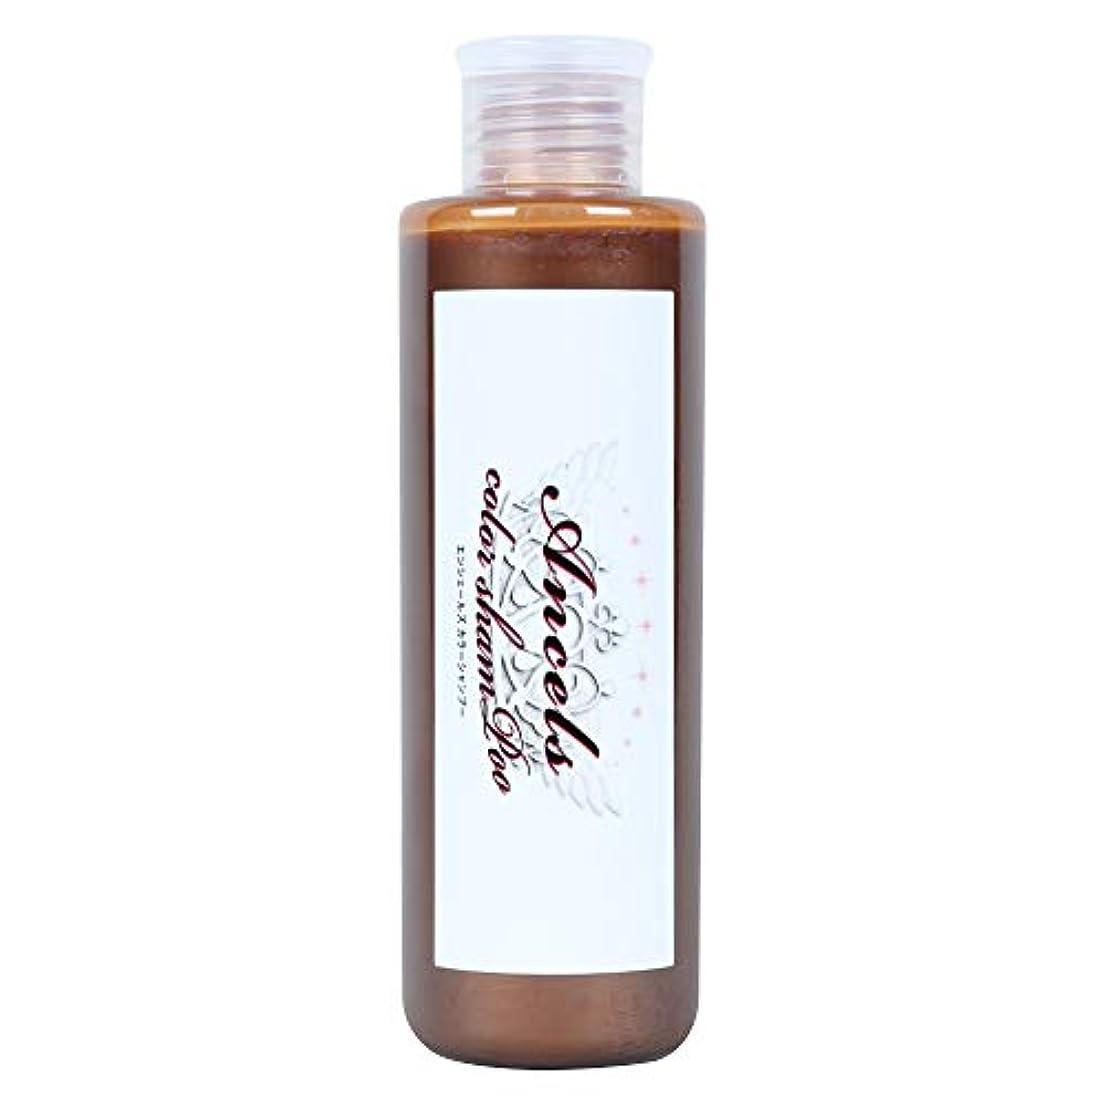 複雑食品薬局Ancels color shampoo エンシェールズ カラーシャンプー ミルクティー 200ml